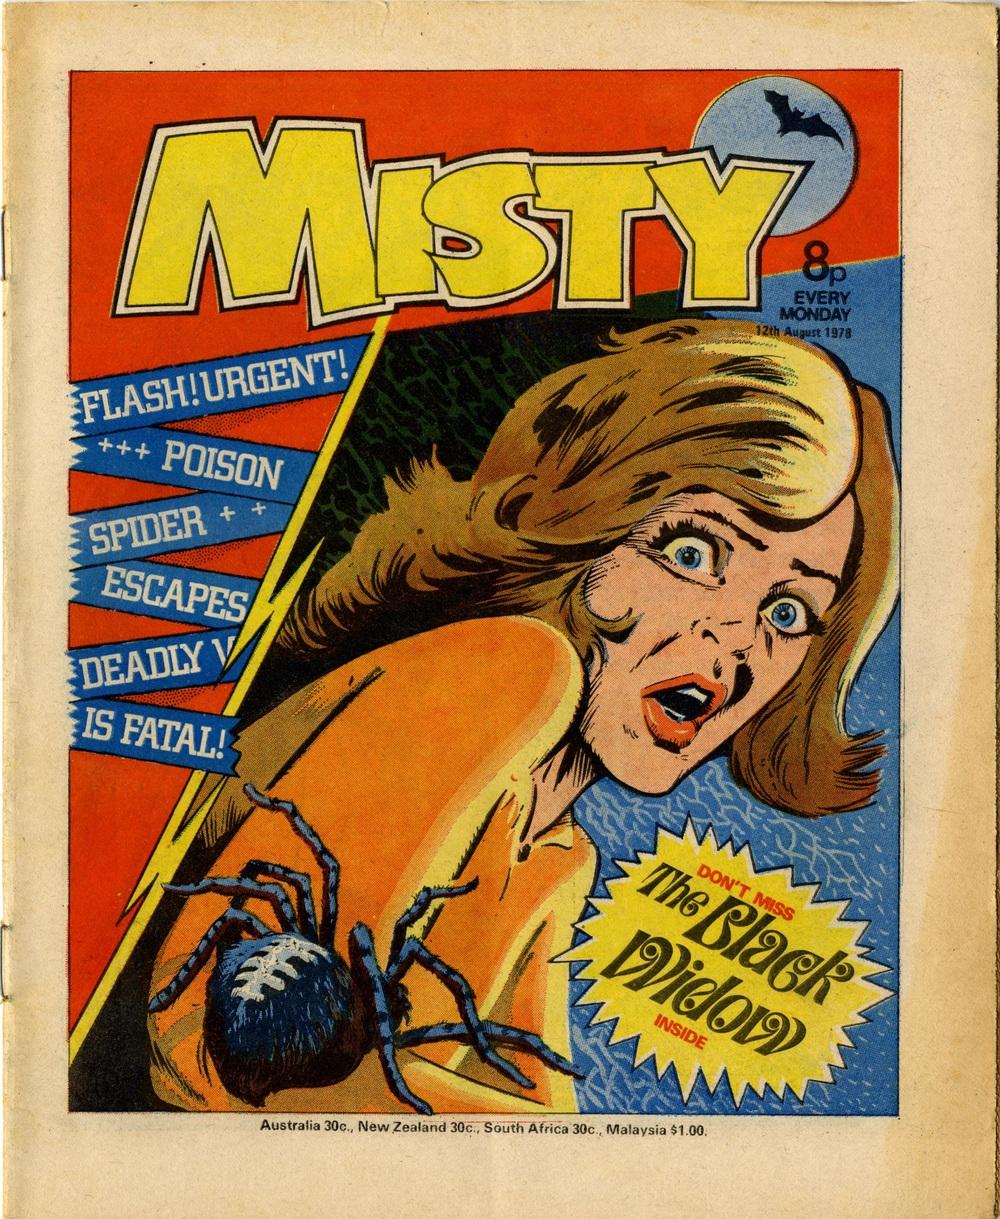 12 August 1978: Misty (The Black Widow: Jaume Rumeu (artist))